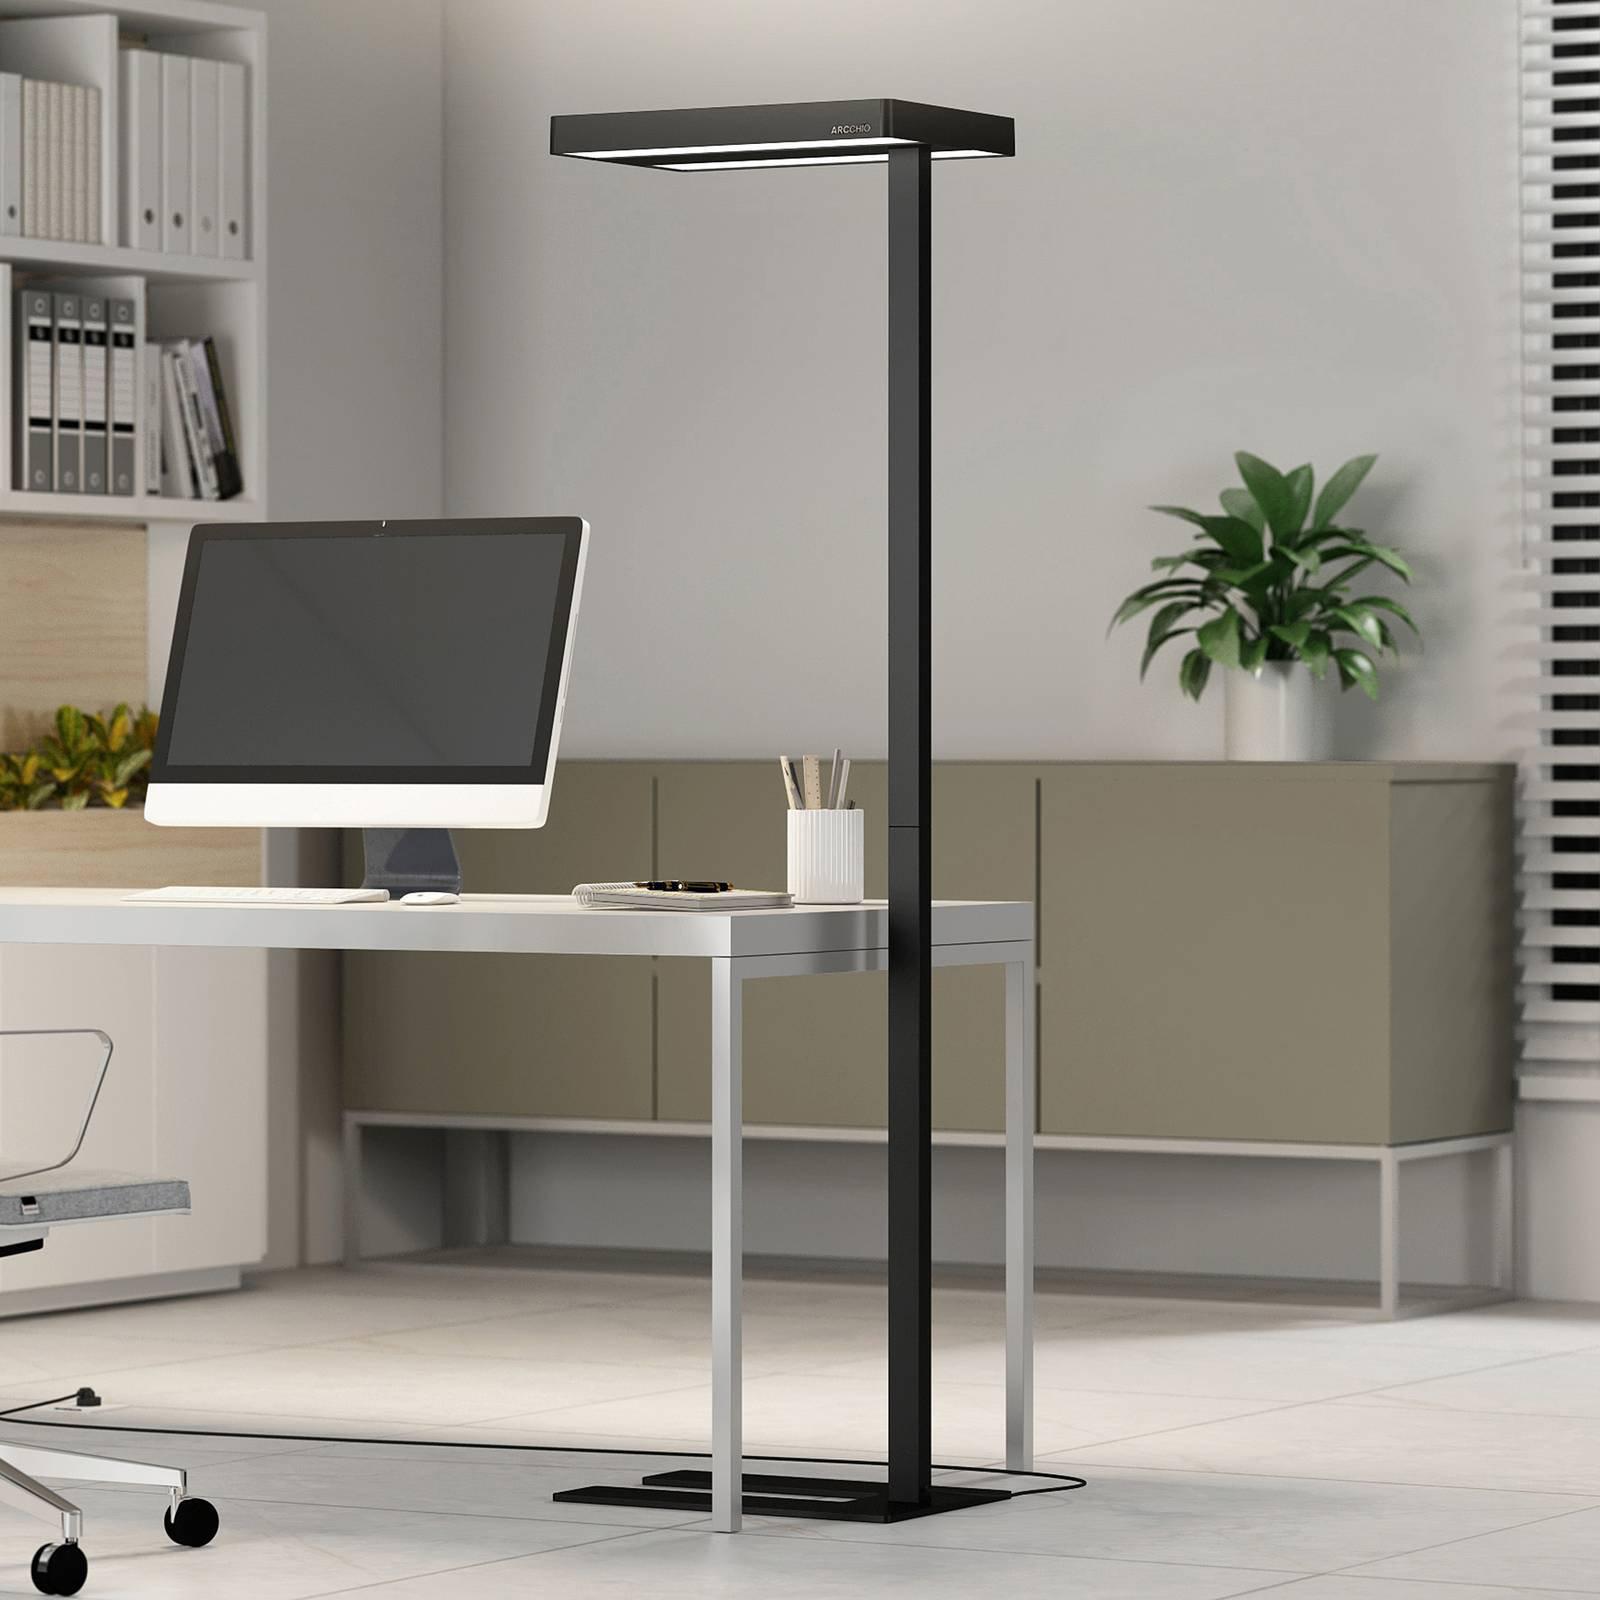 Arcchio Kalem gulvlampe til kontor, rund, svart